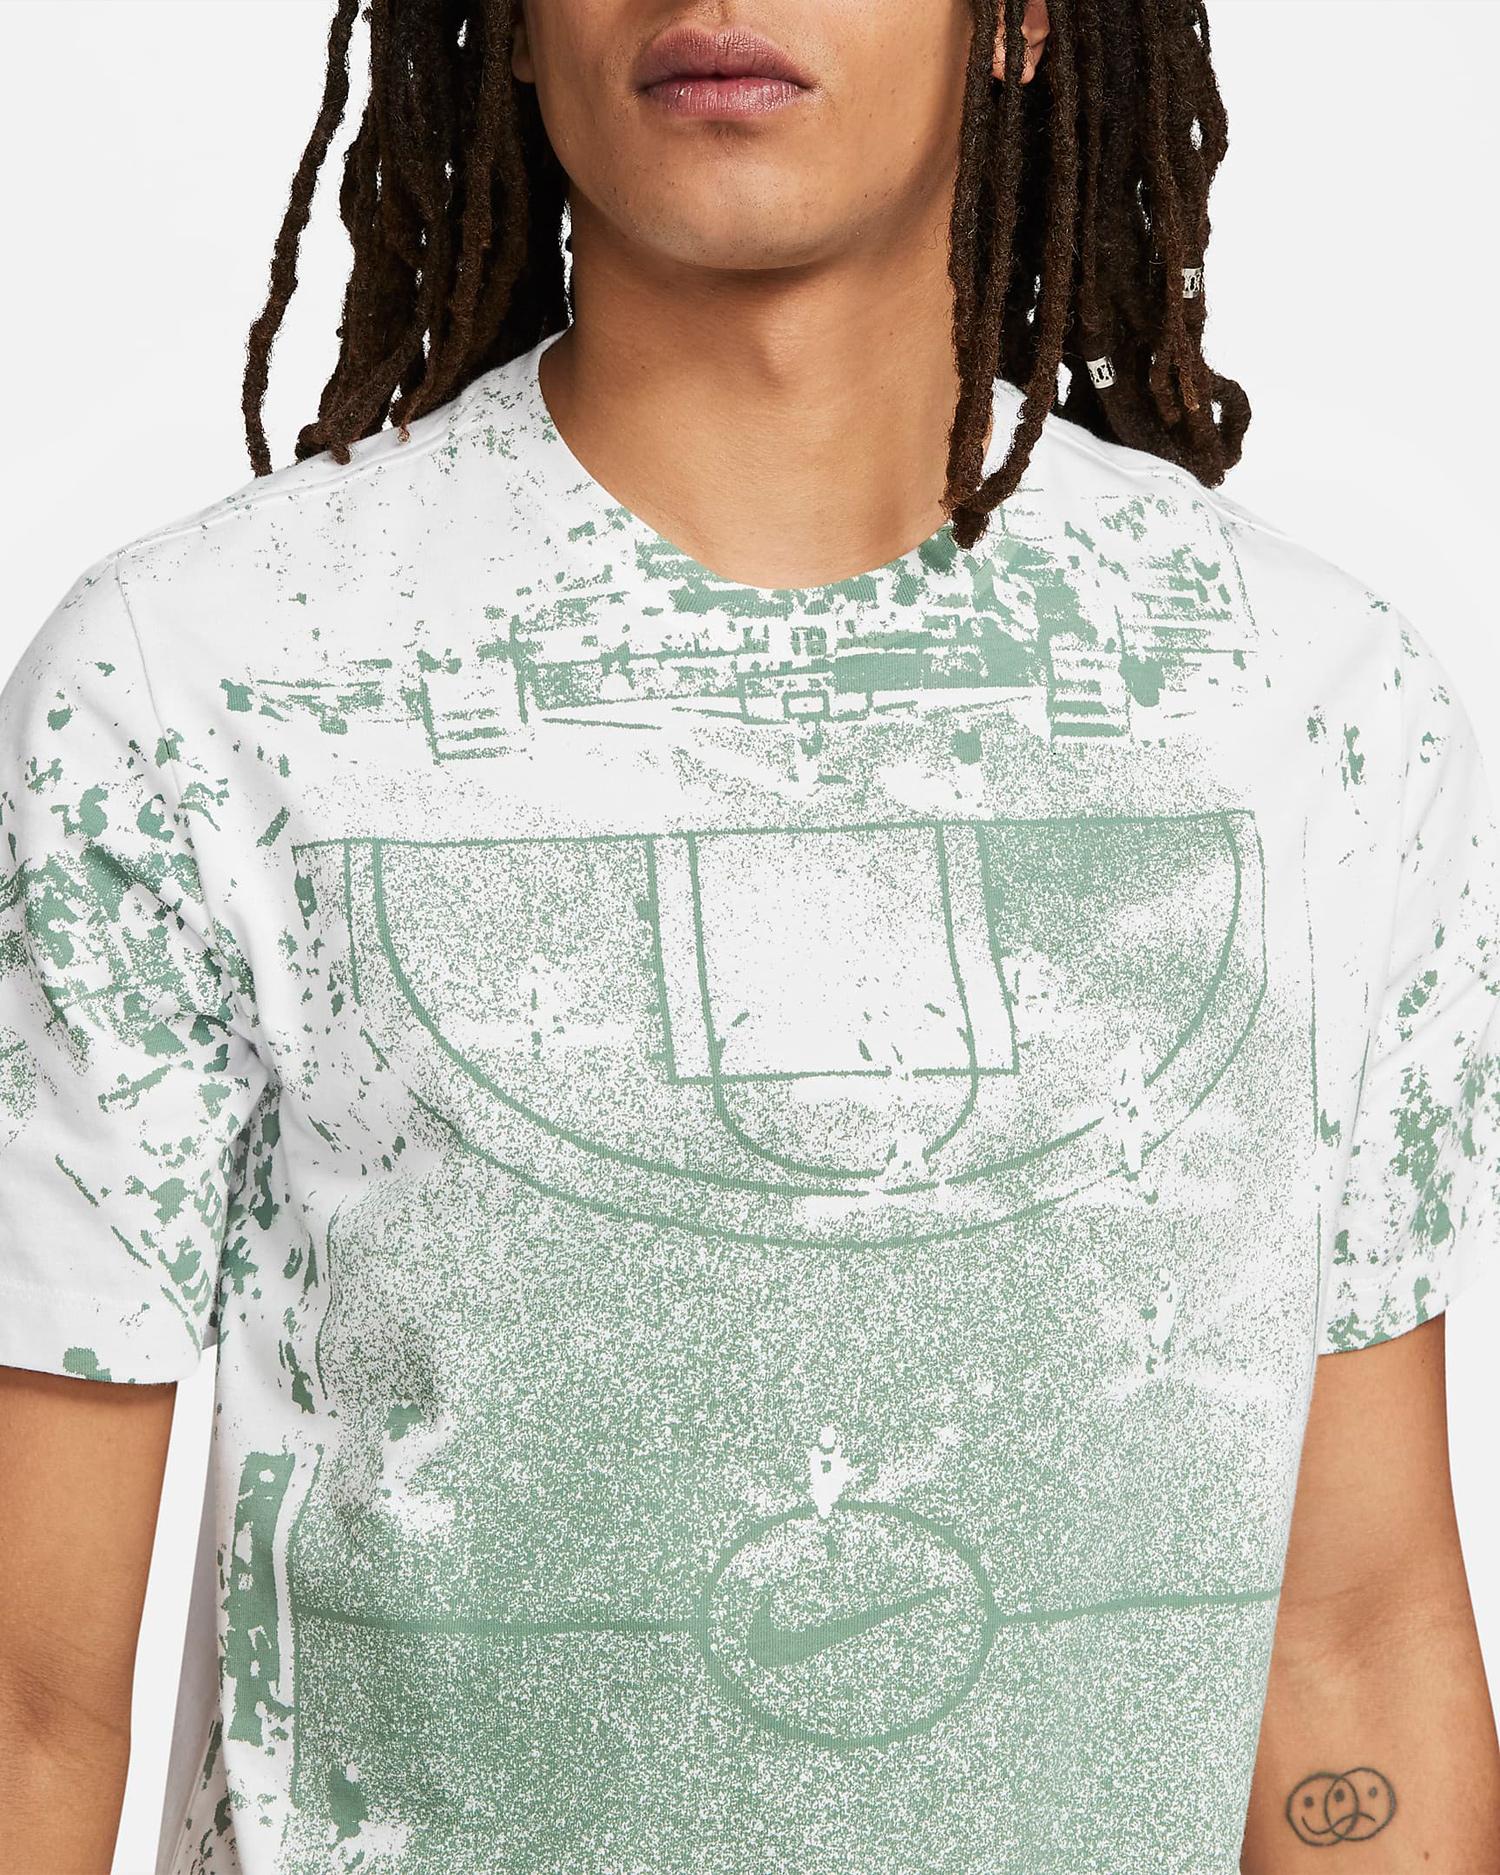 nike-ny-vs-ny-shirt